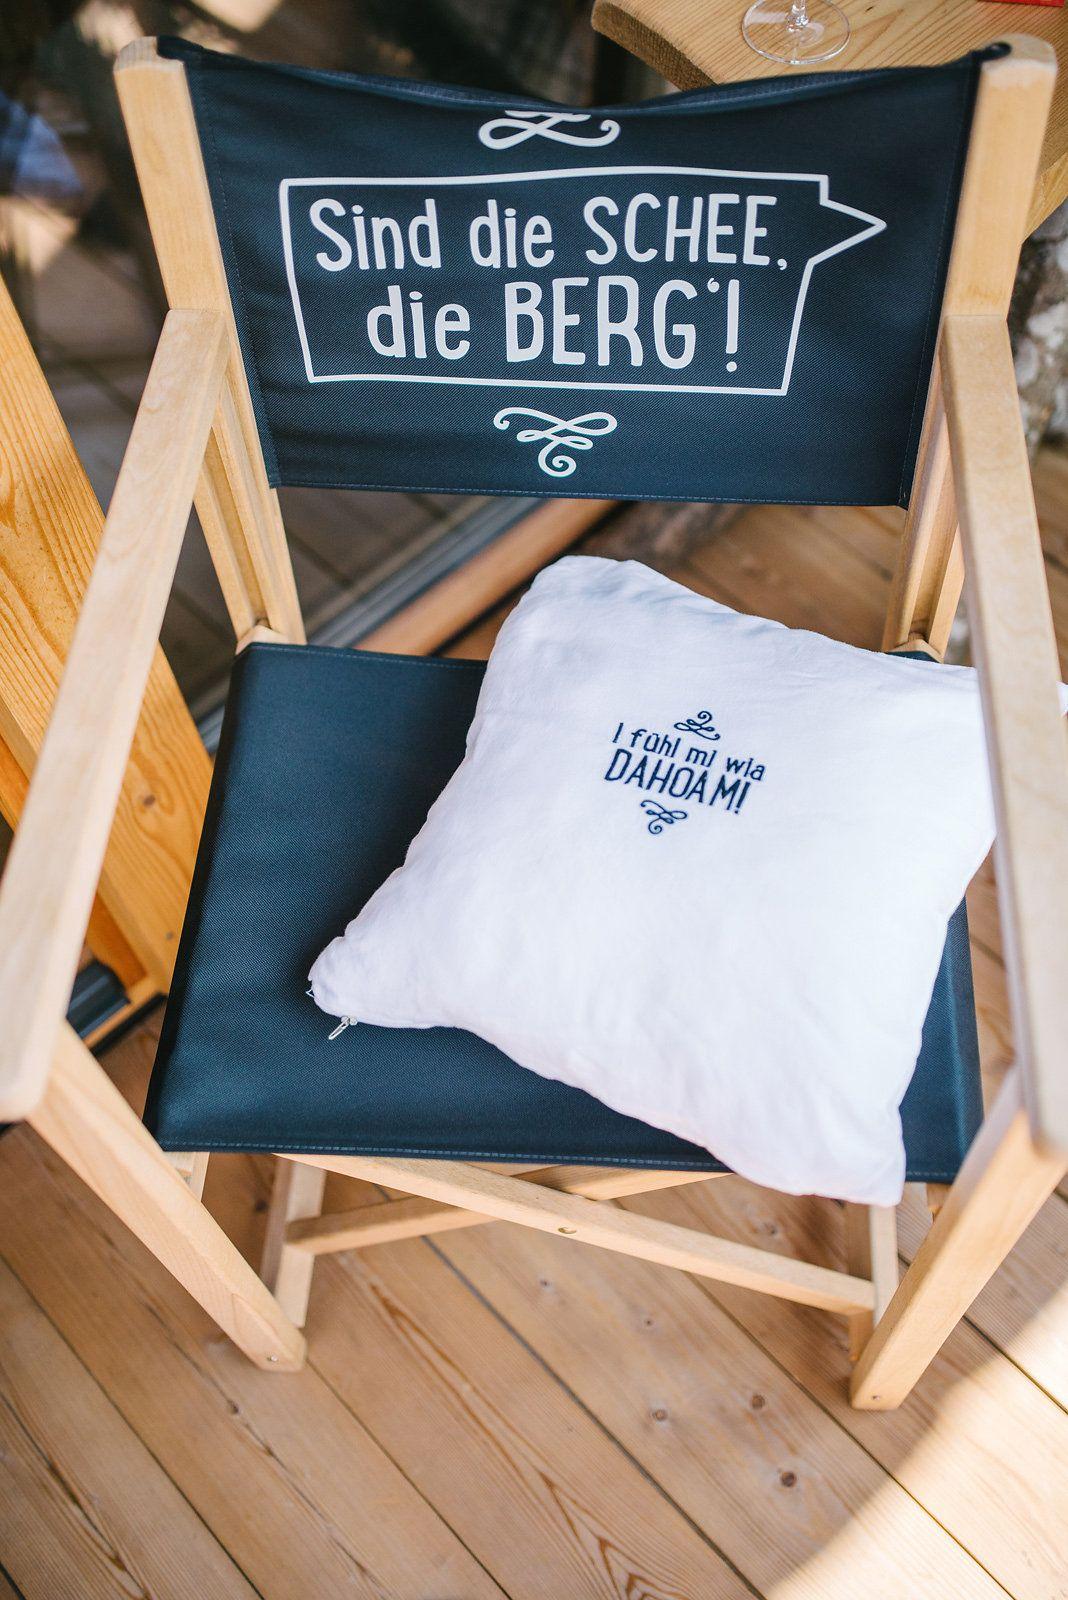 Real wedding: mountain love - Hochzeit in den Bergen Österreichs! Detail Dekoration Stuhl. // Wedding in the mountains of Austria! Detail decoration chair. www.anna-veranstaltet.de